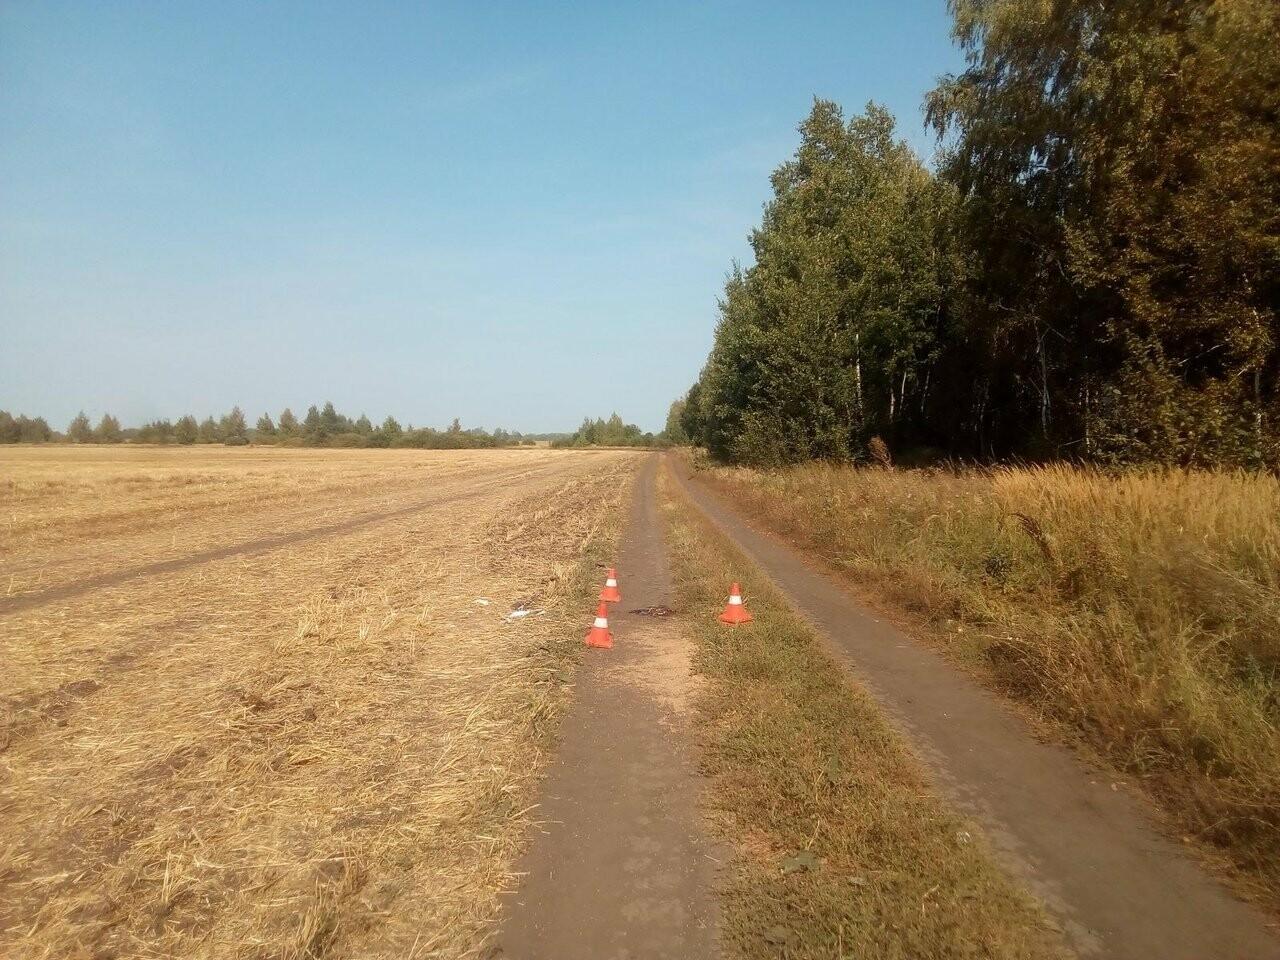 На Тамбовщине неизвестный водитель насмерть сбил мужчину, фото-1